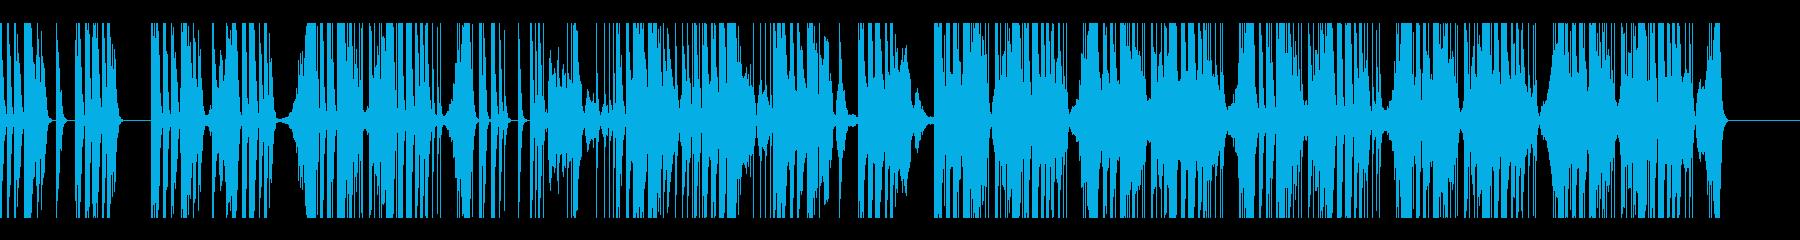 緊迫感のある電子音楽の再生済みの波形